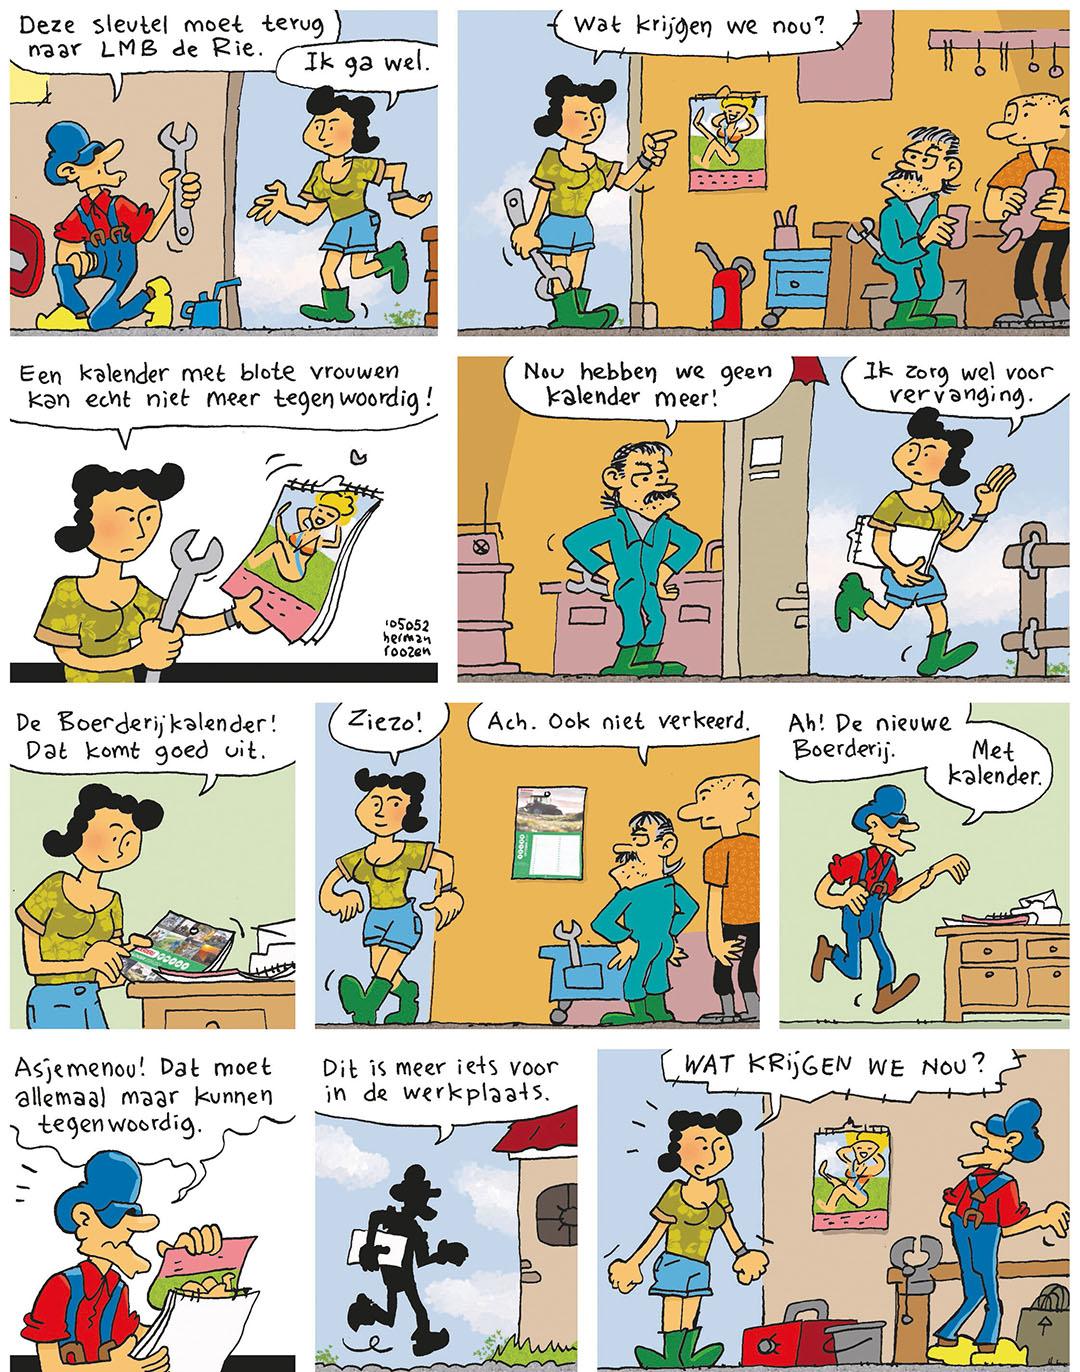 Strip: Opa weet wel raad met kalender blote vrouwen